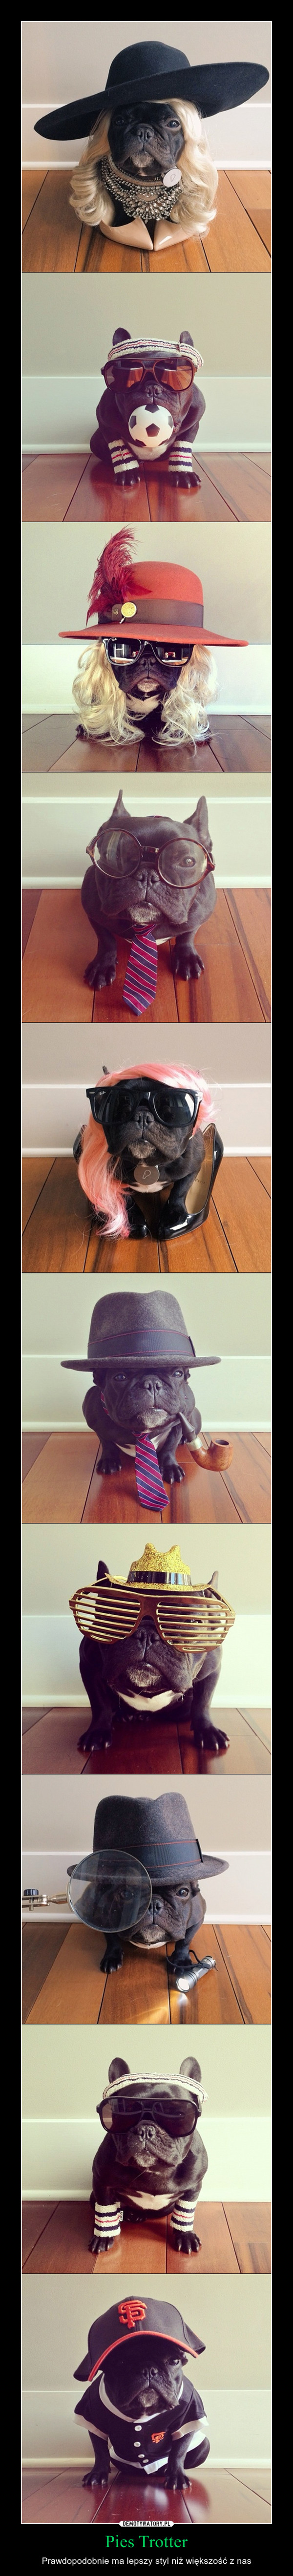 Pies Trotter – Prawdopodobnie ma lepszy styl niż większość z nas